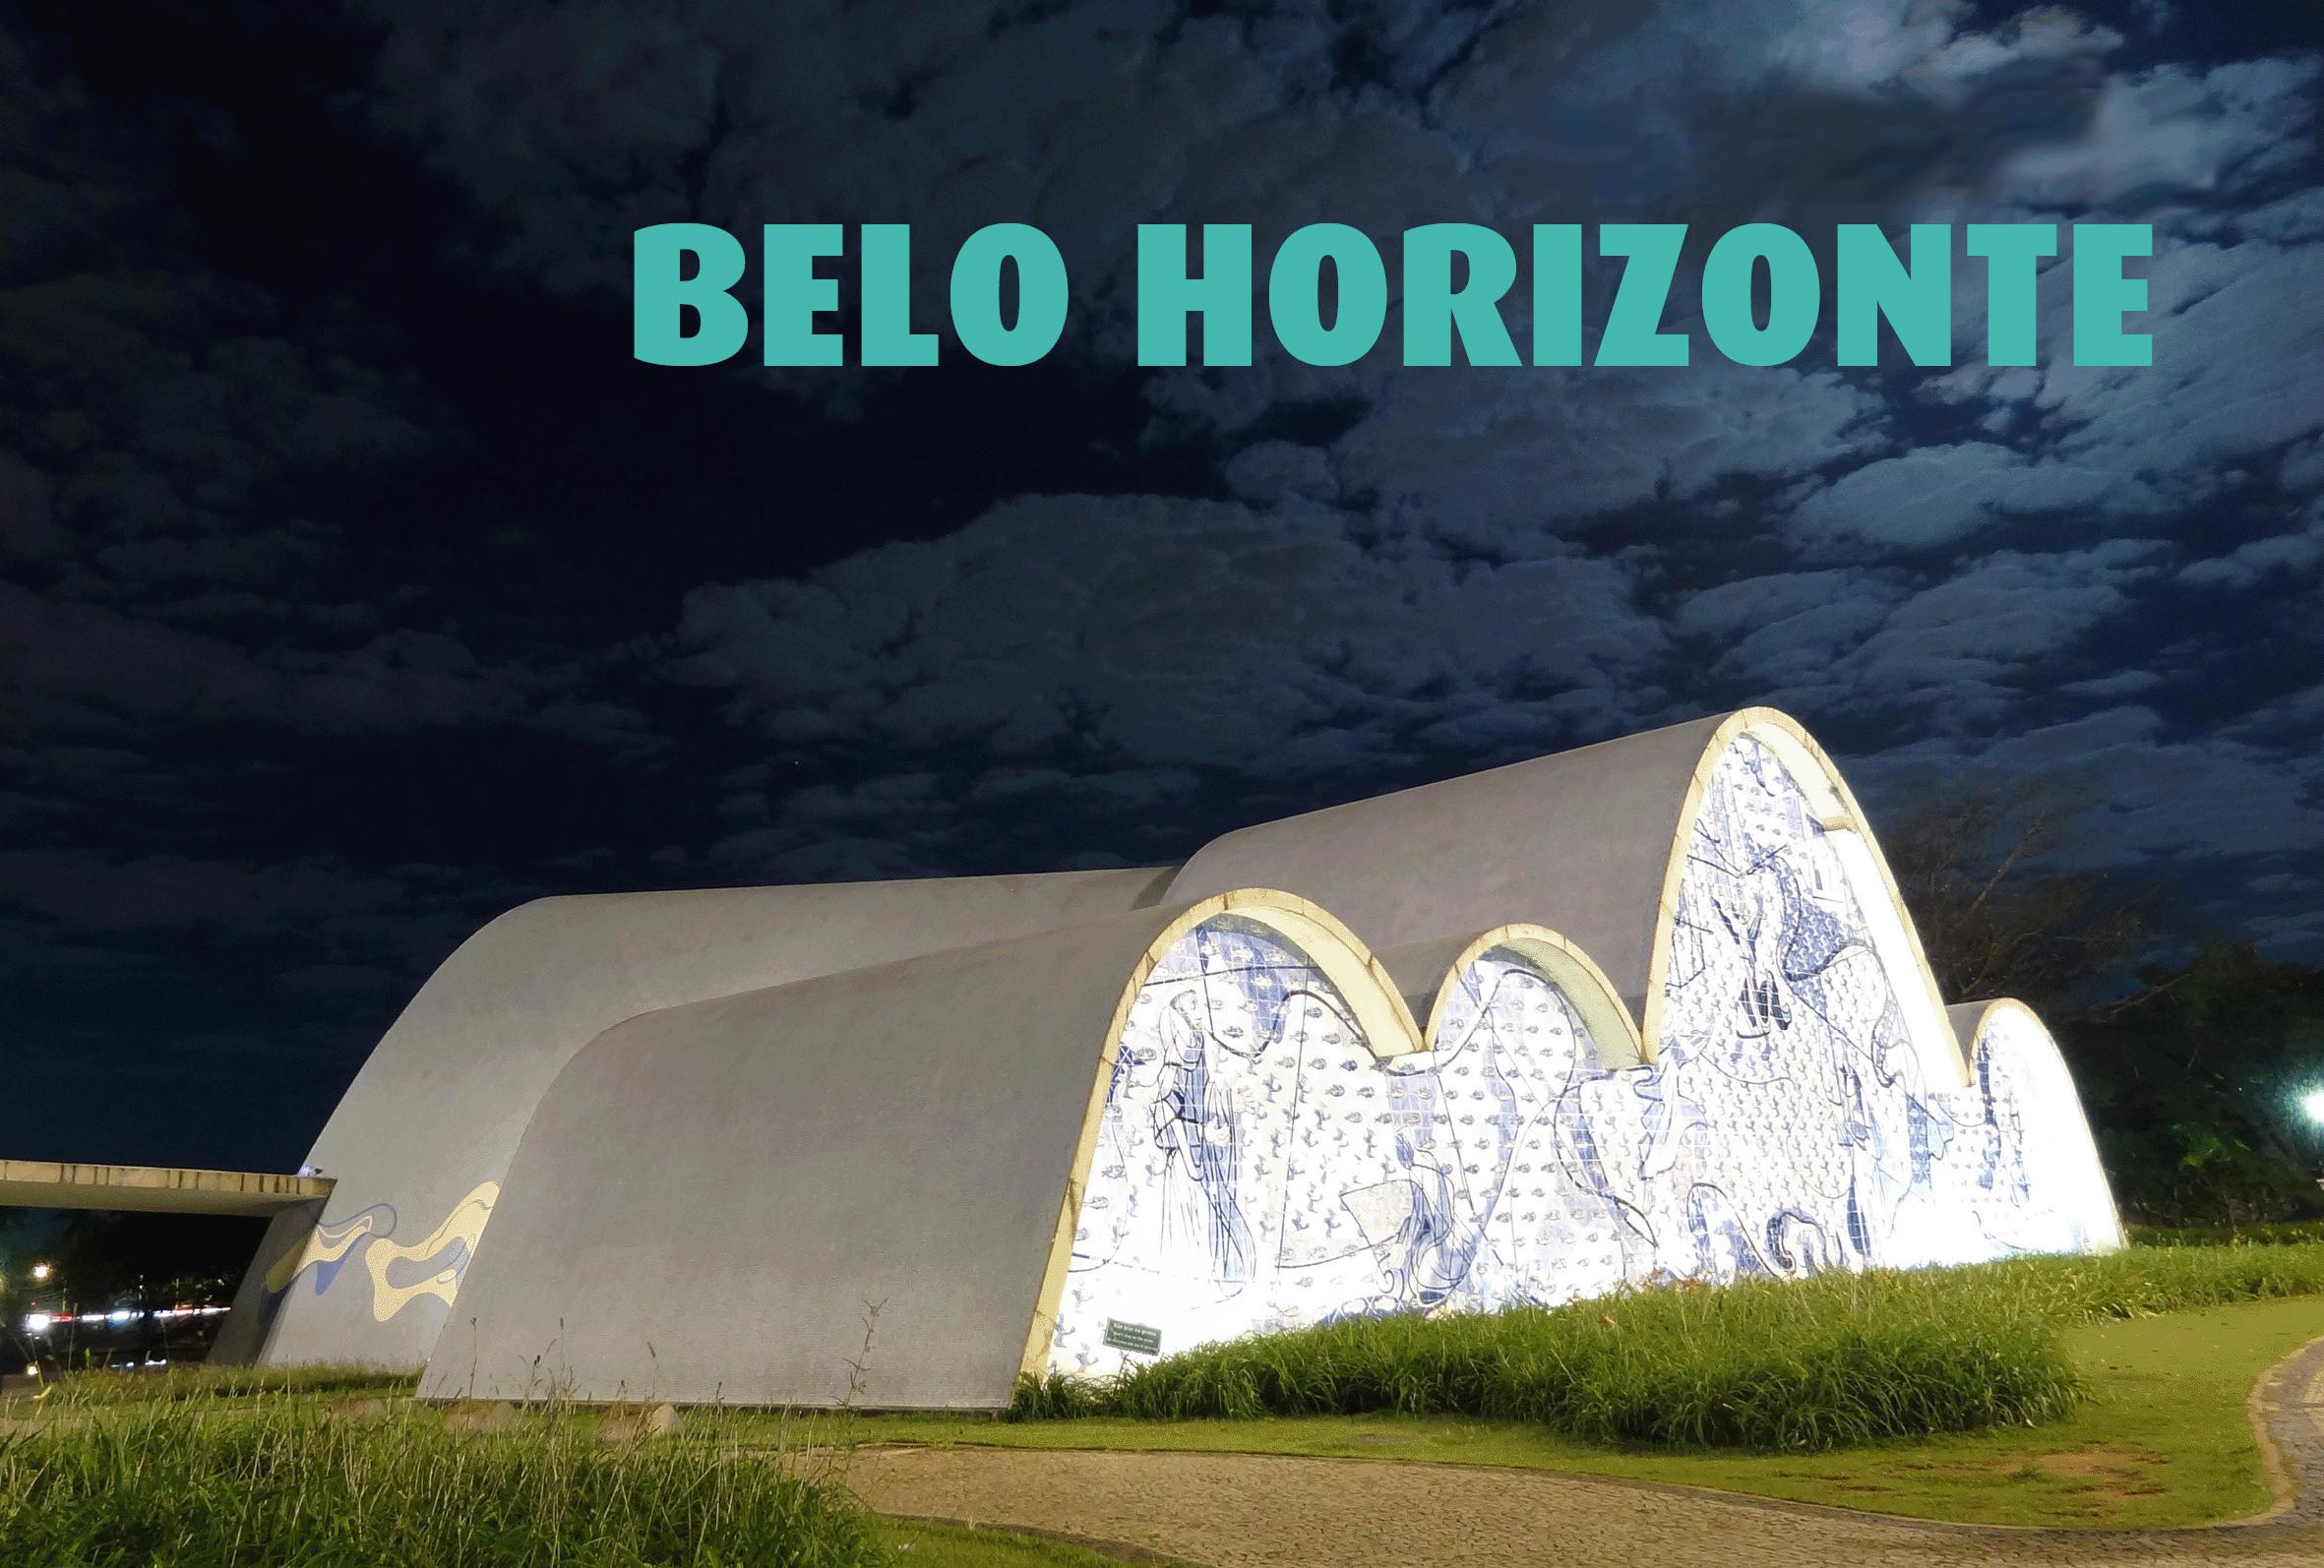 Evento Belo Horizonte 2021